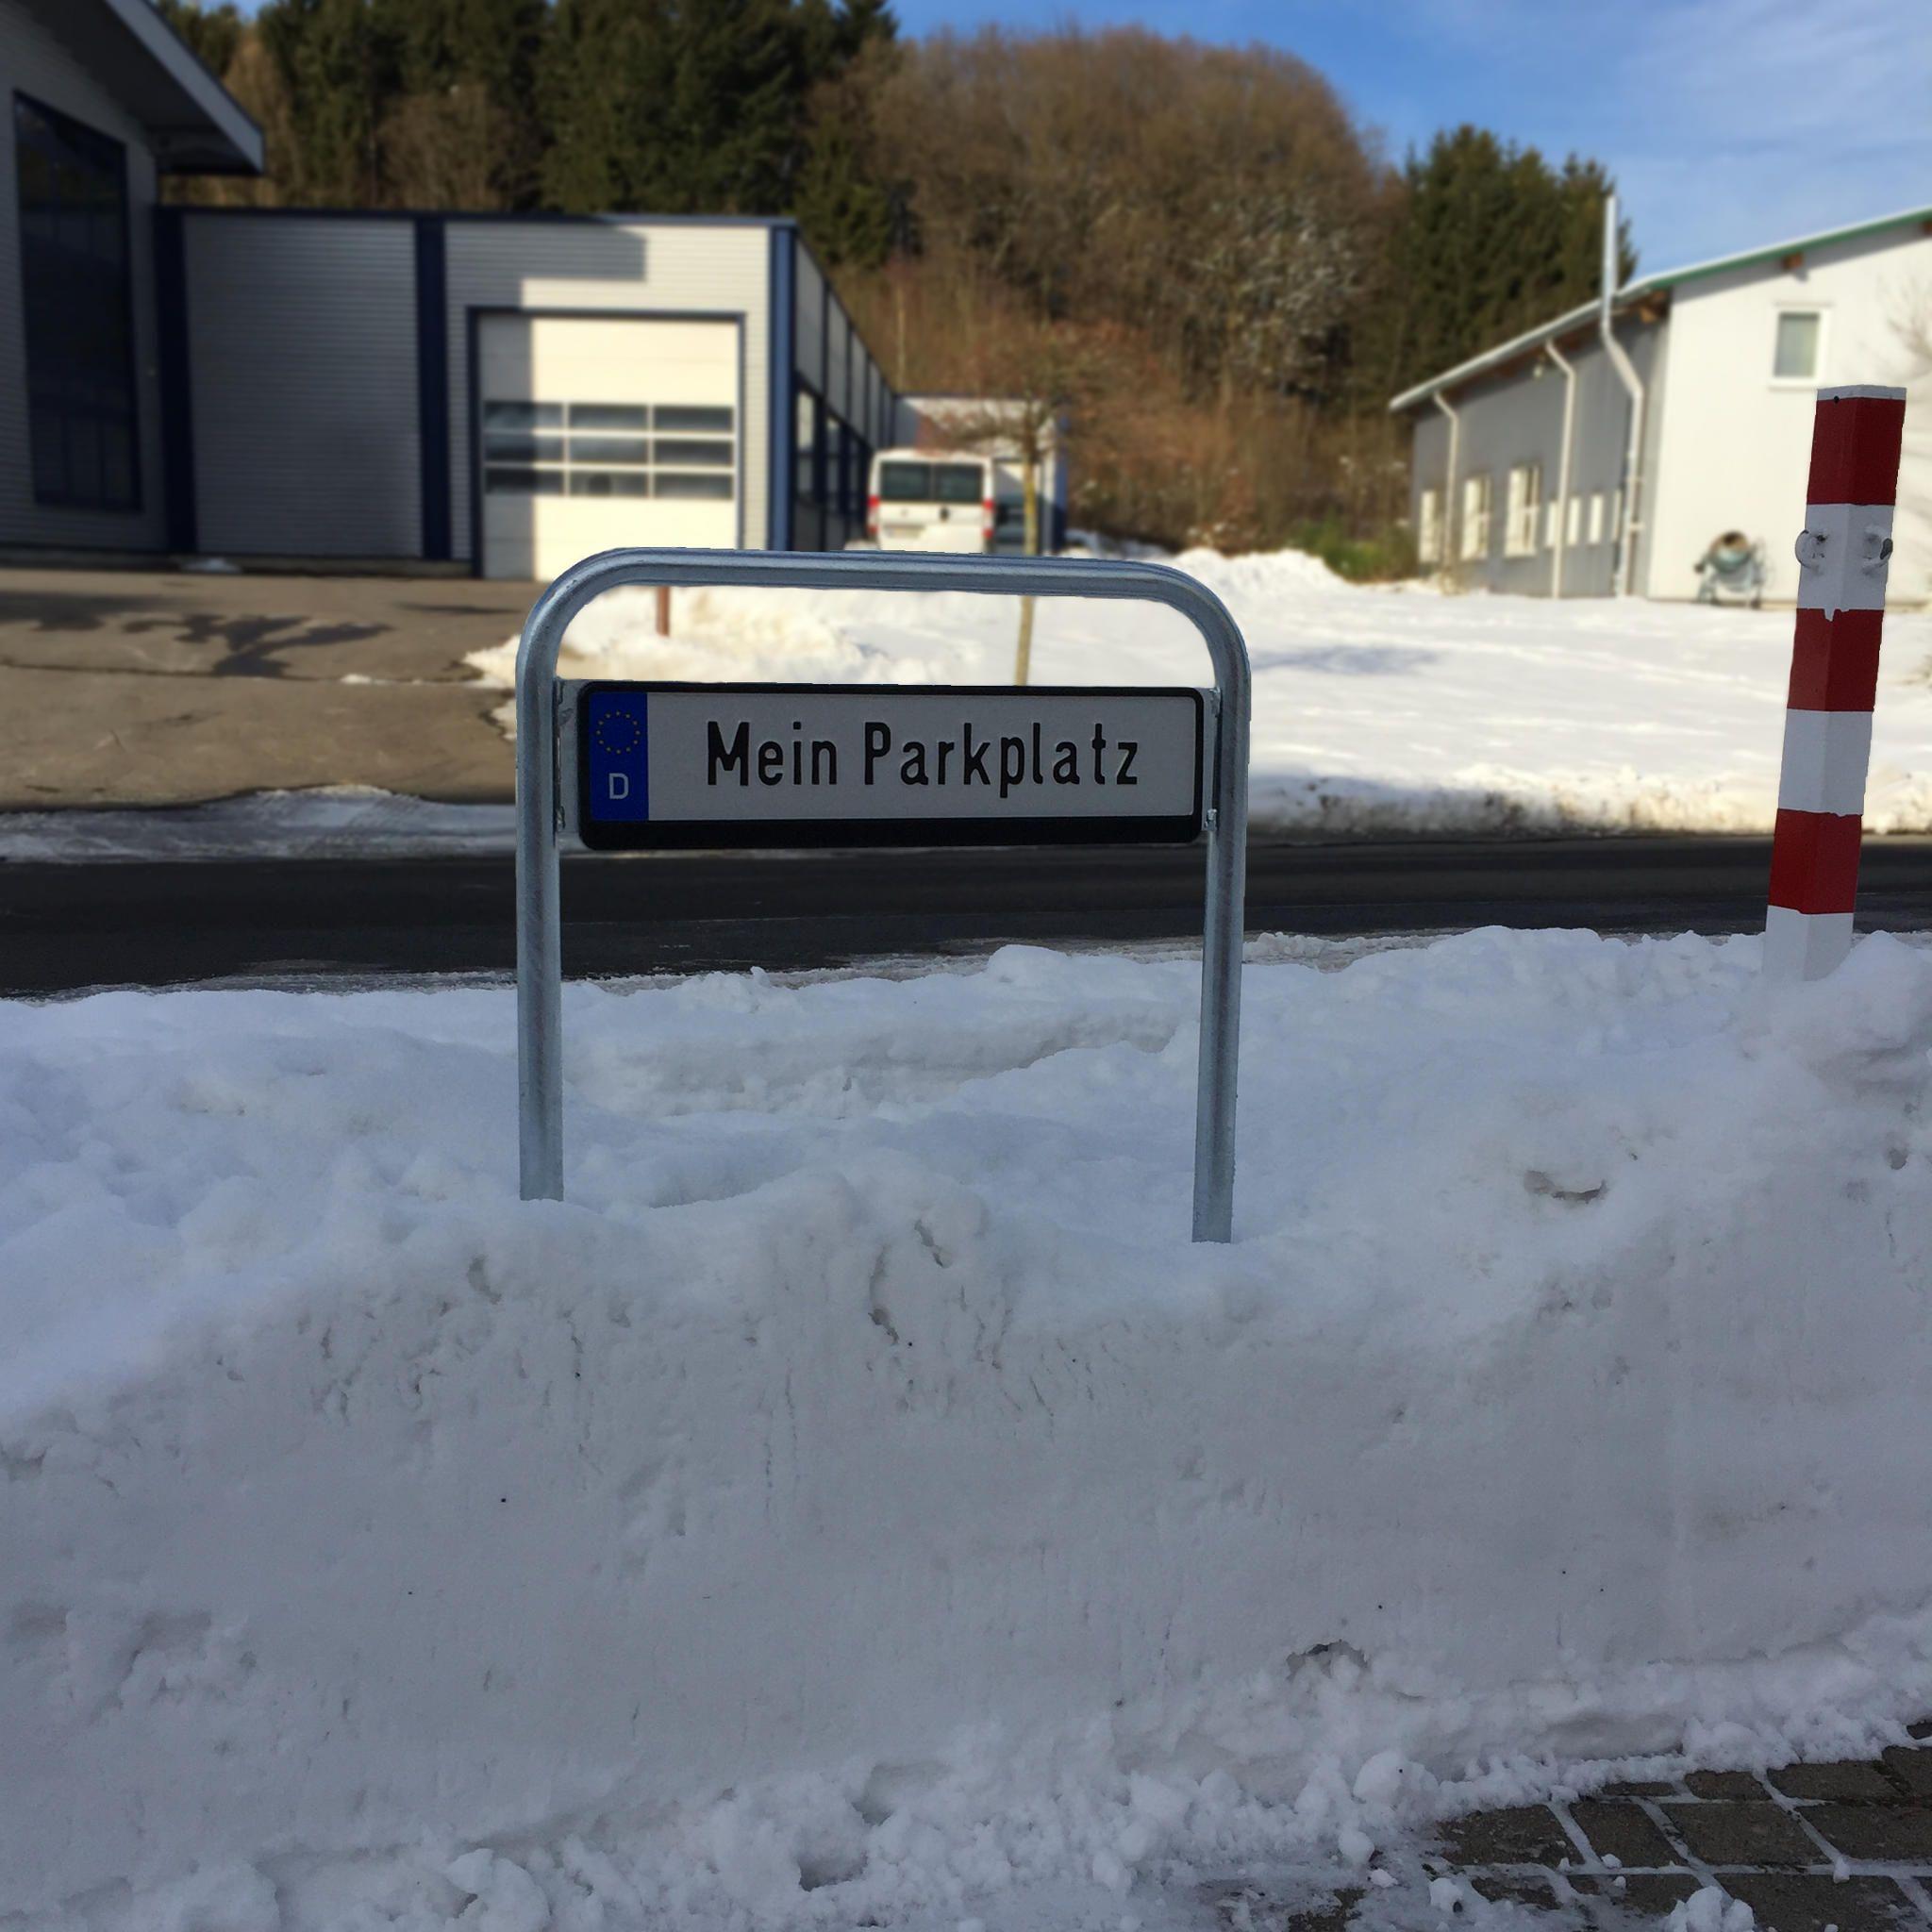 Machen auch im Schnee eine gute Figur: Durch Ihre Höhe von ca. 700 mm ist bei unseren Kennzeichenhaltern auch nach starkem Schneefall das Kennzeichen nicht im Schnee versunken.